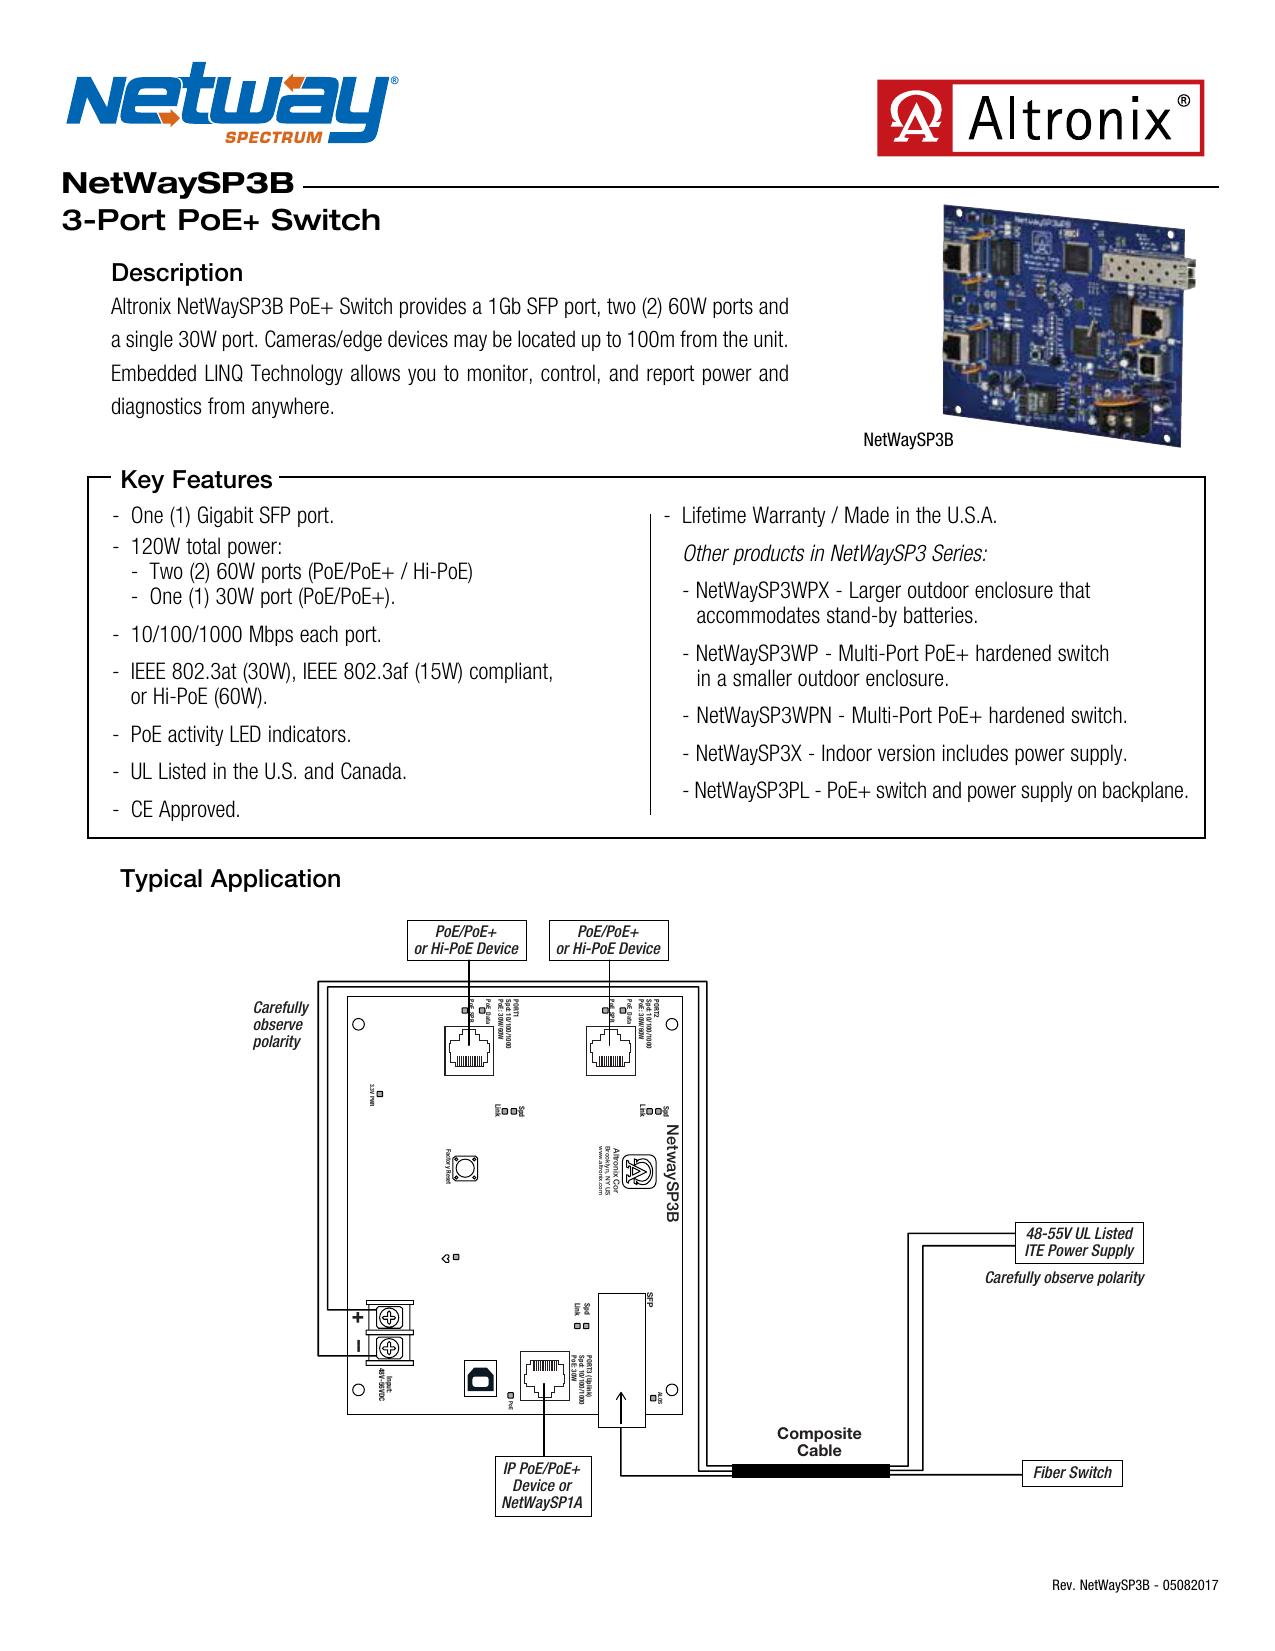 NetWaySP3B 3-Port PoE+ Switch   manualzz com